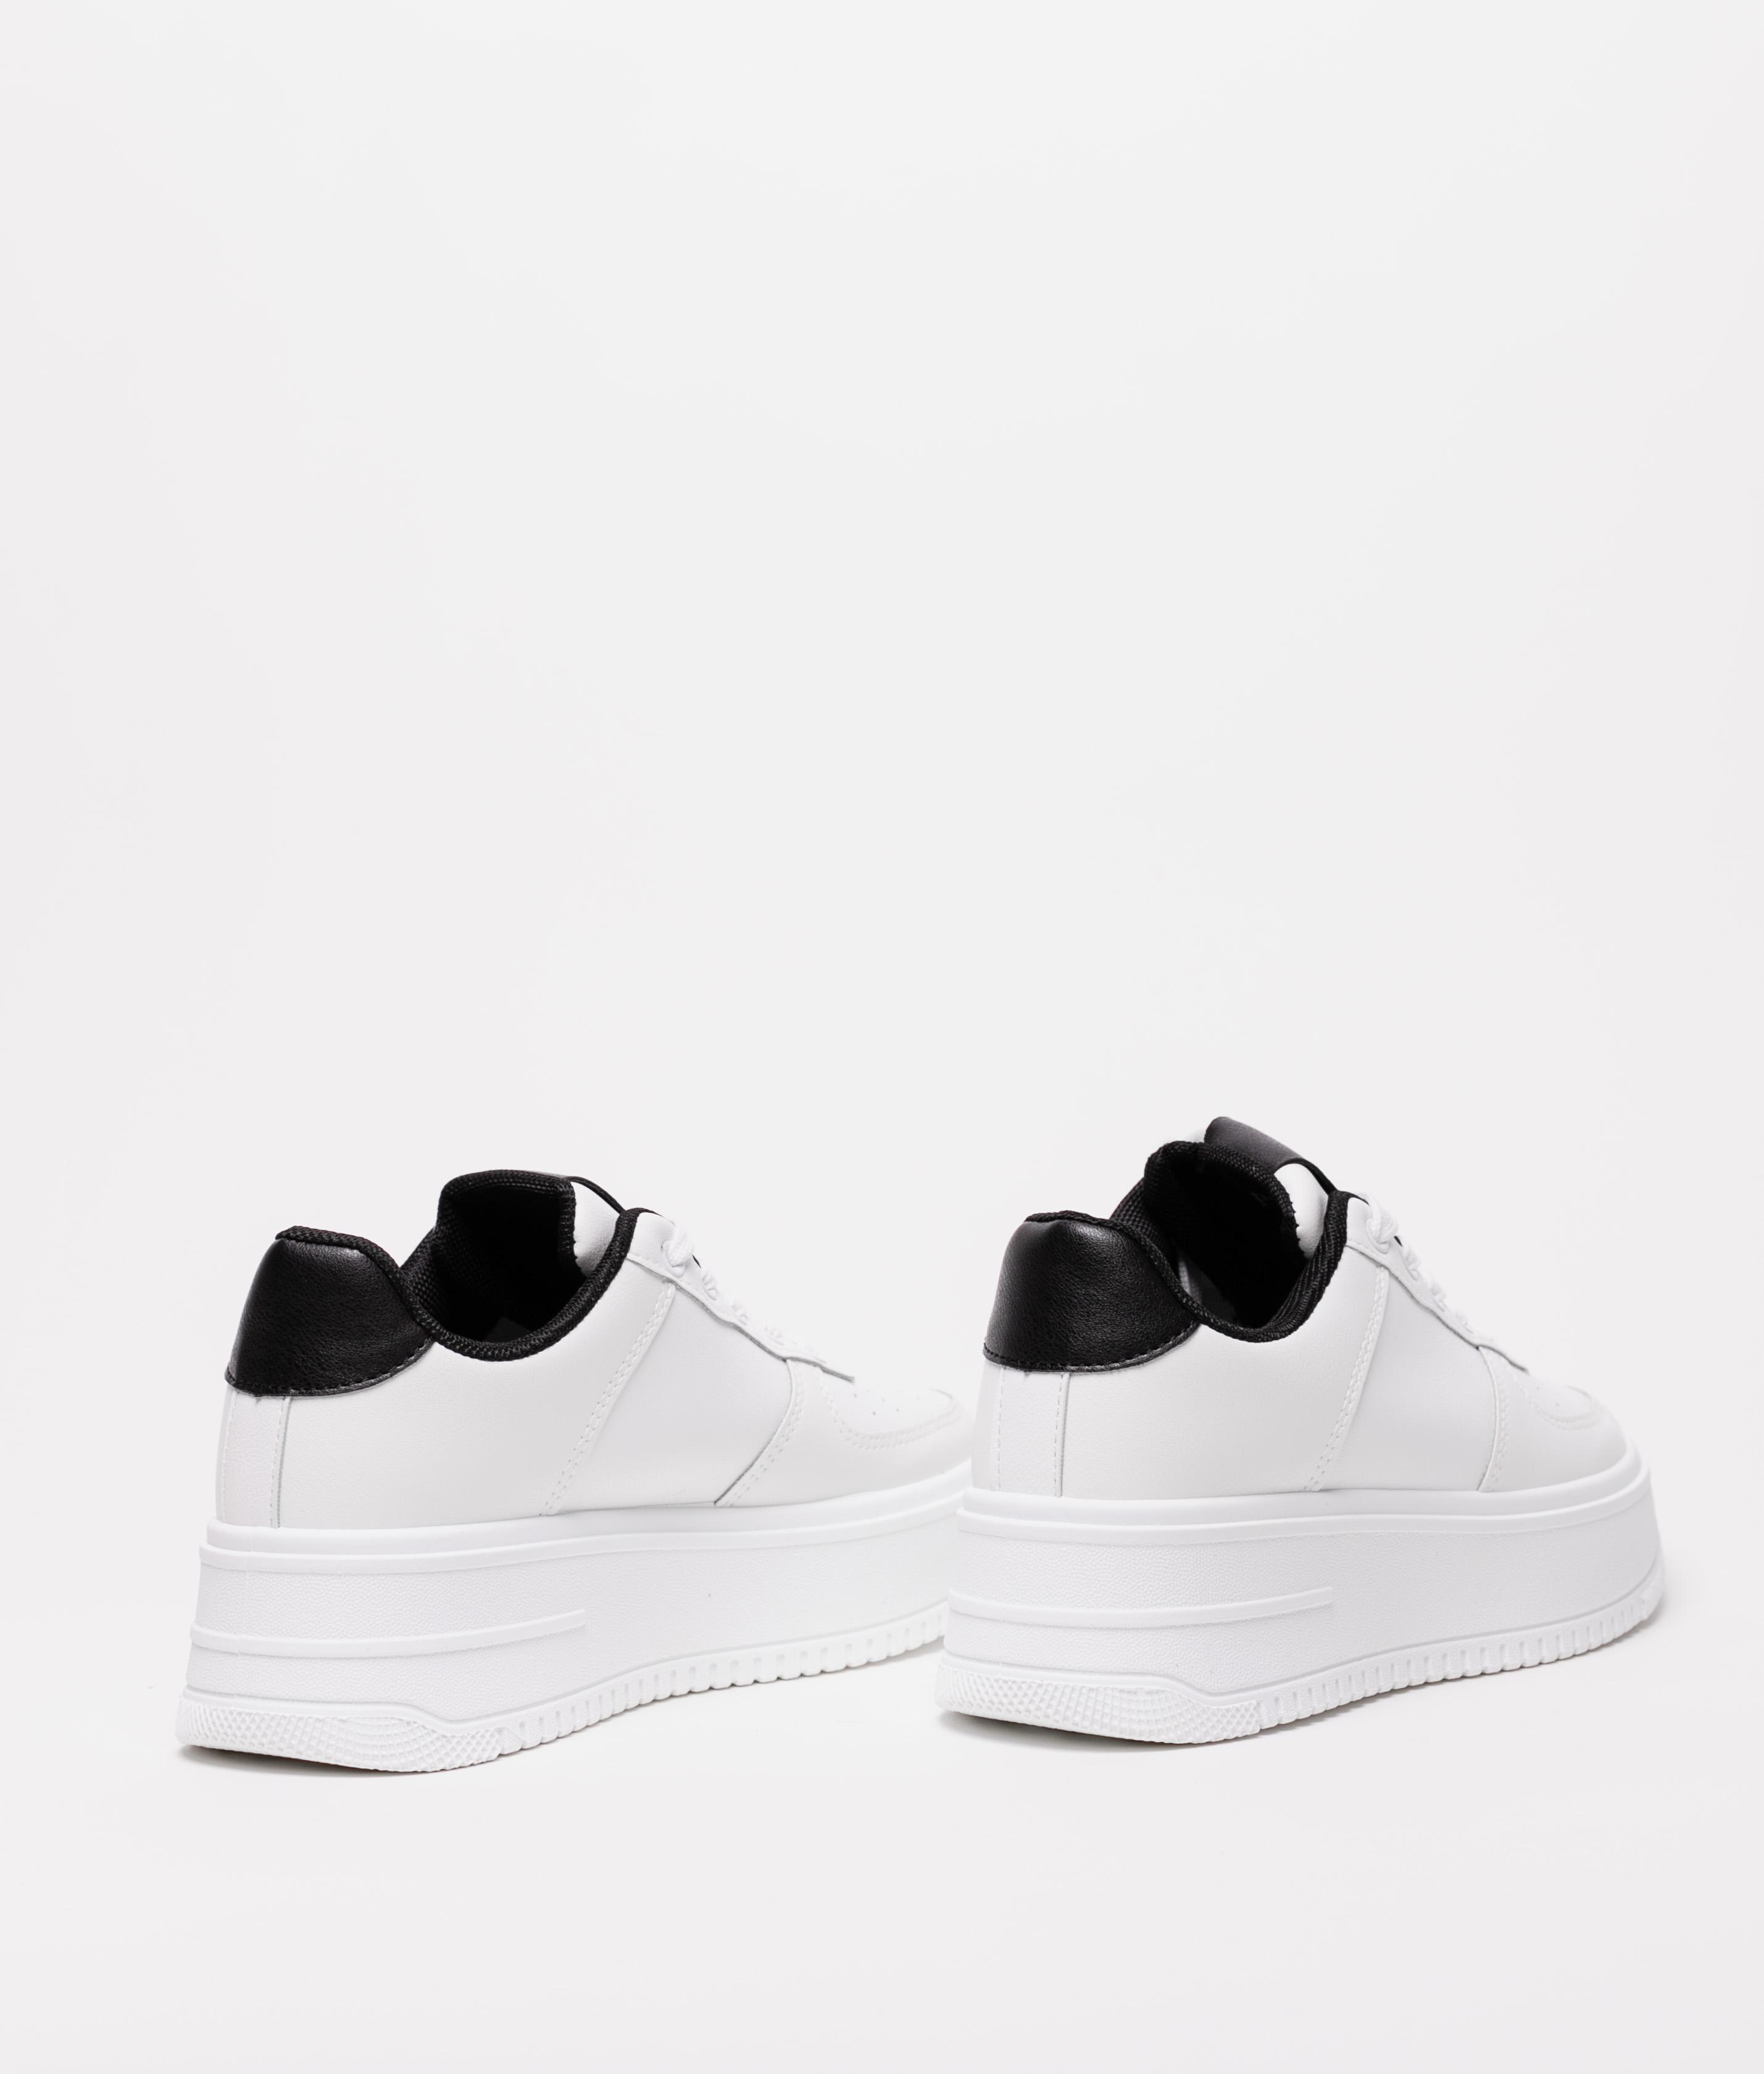 Sneakers Patin - Blanc/Noir